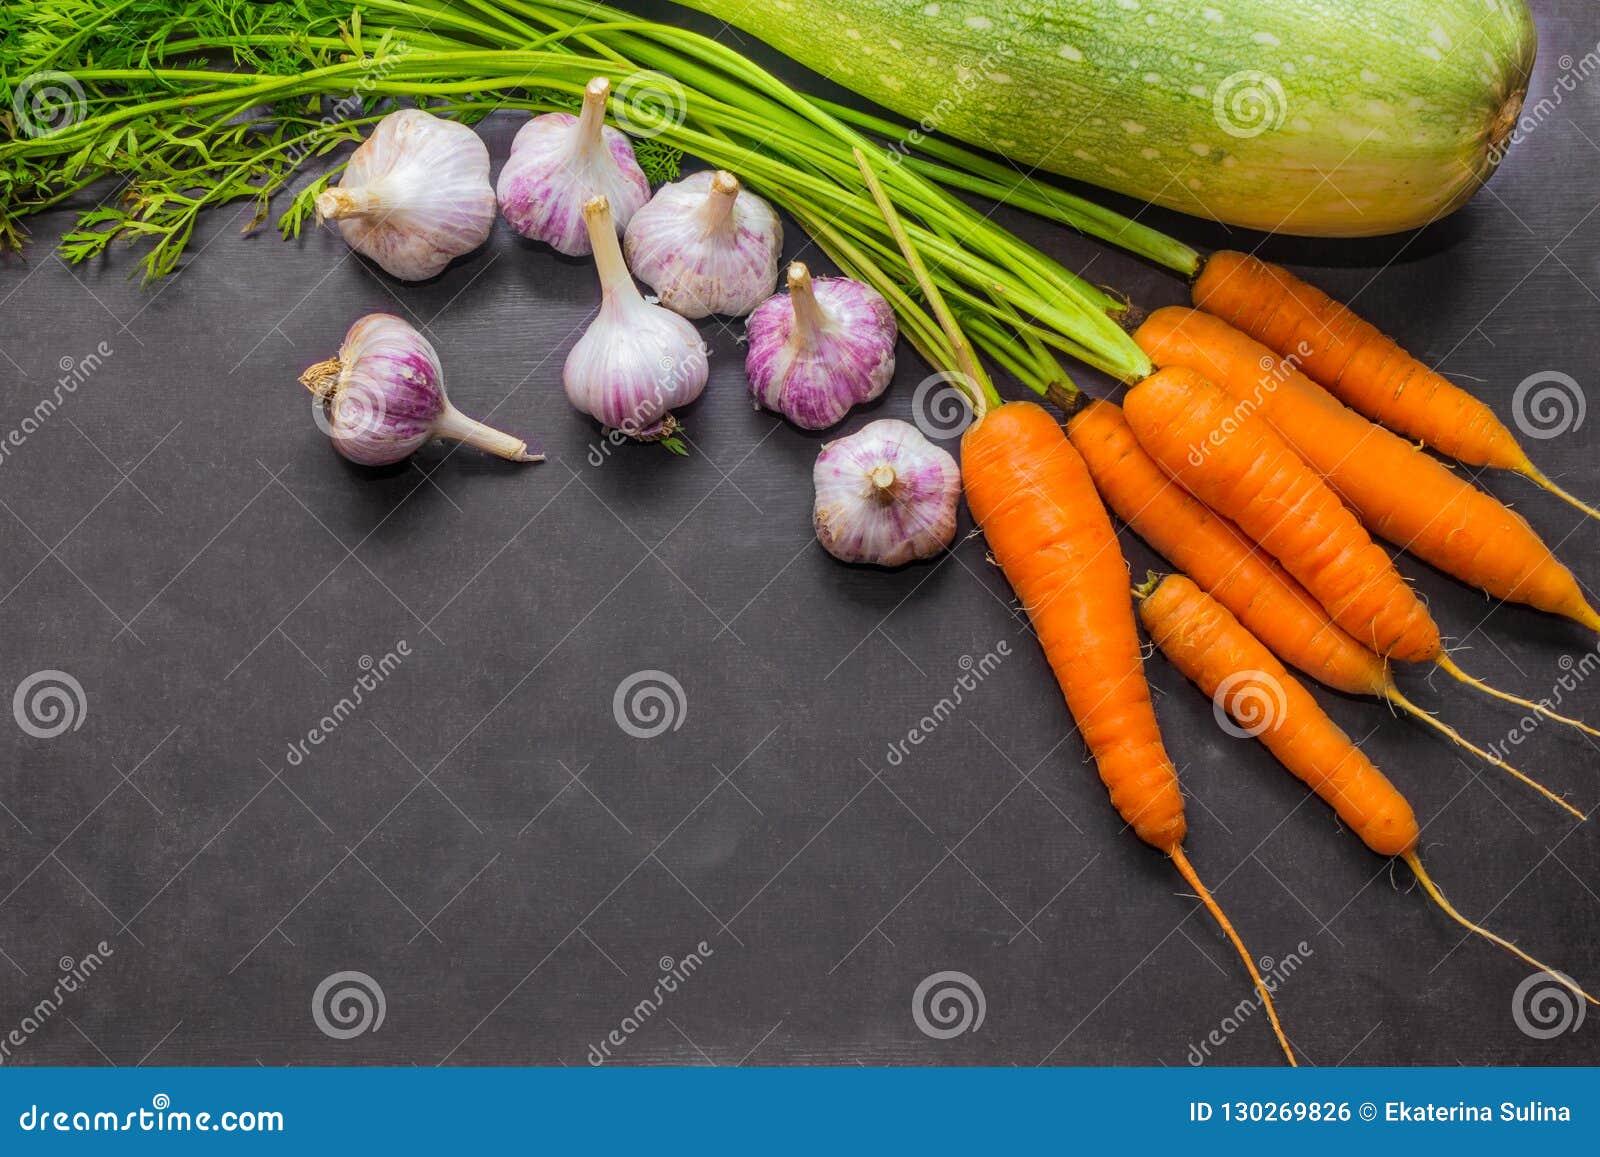 Herbsternten Zucchini, Karotten und Knoblauch Biologisches Lebensmittel